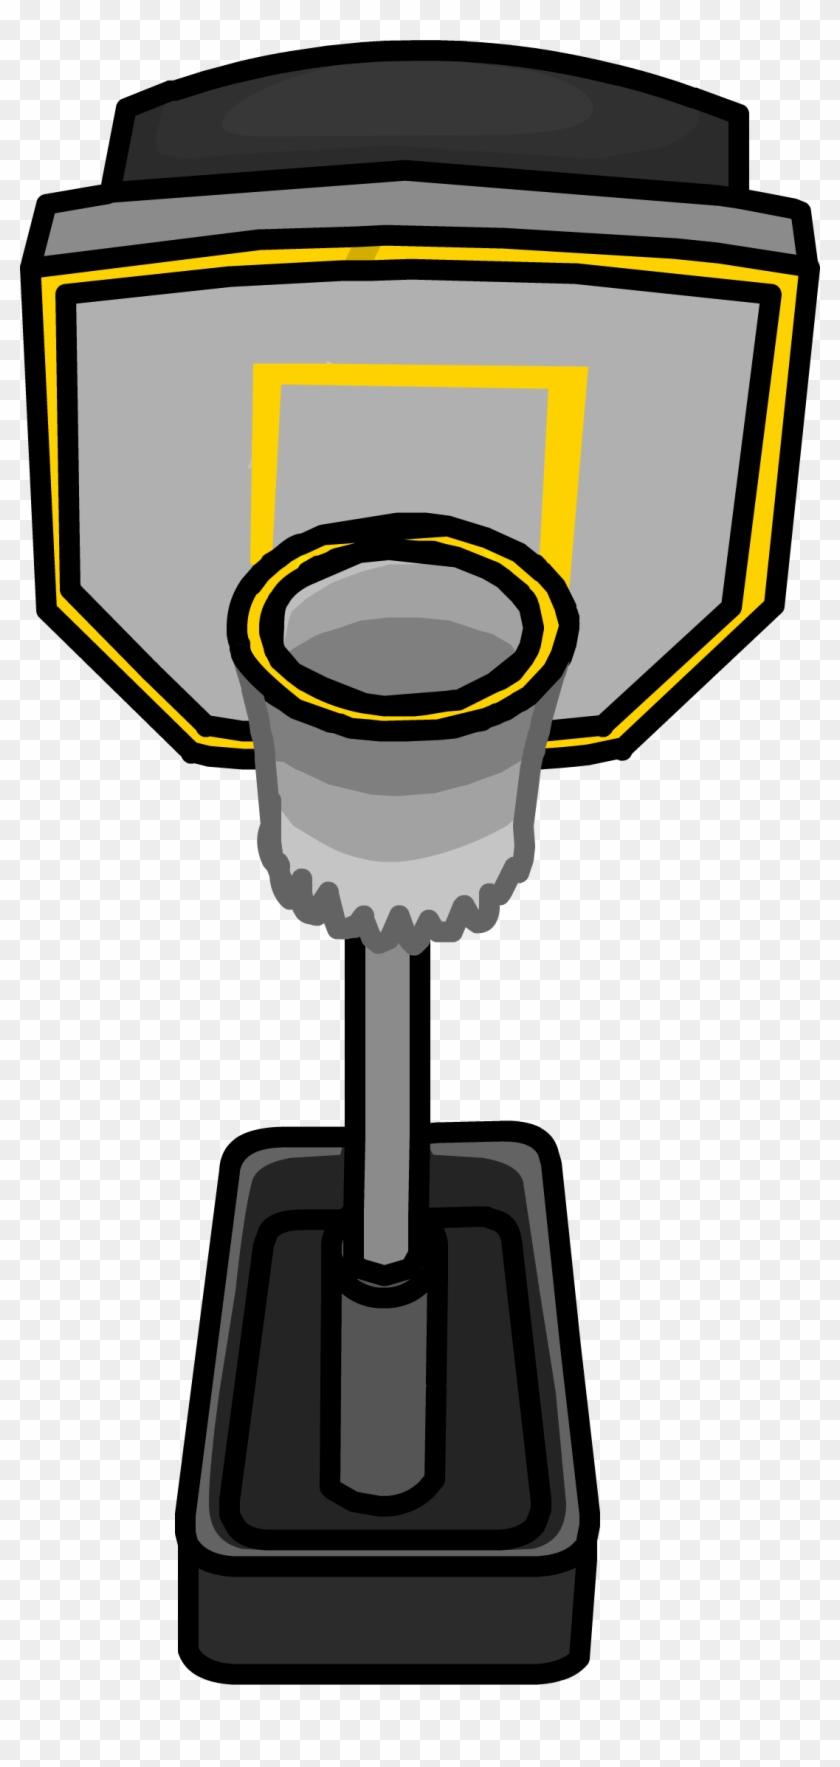 Basketball Hoop - Icon #289438